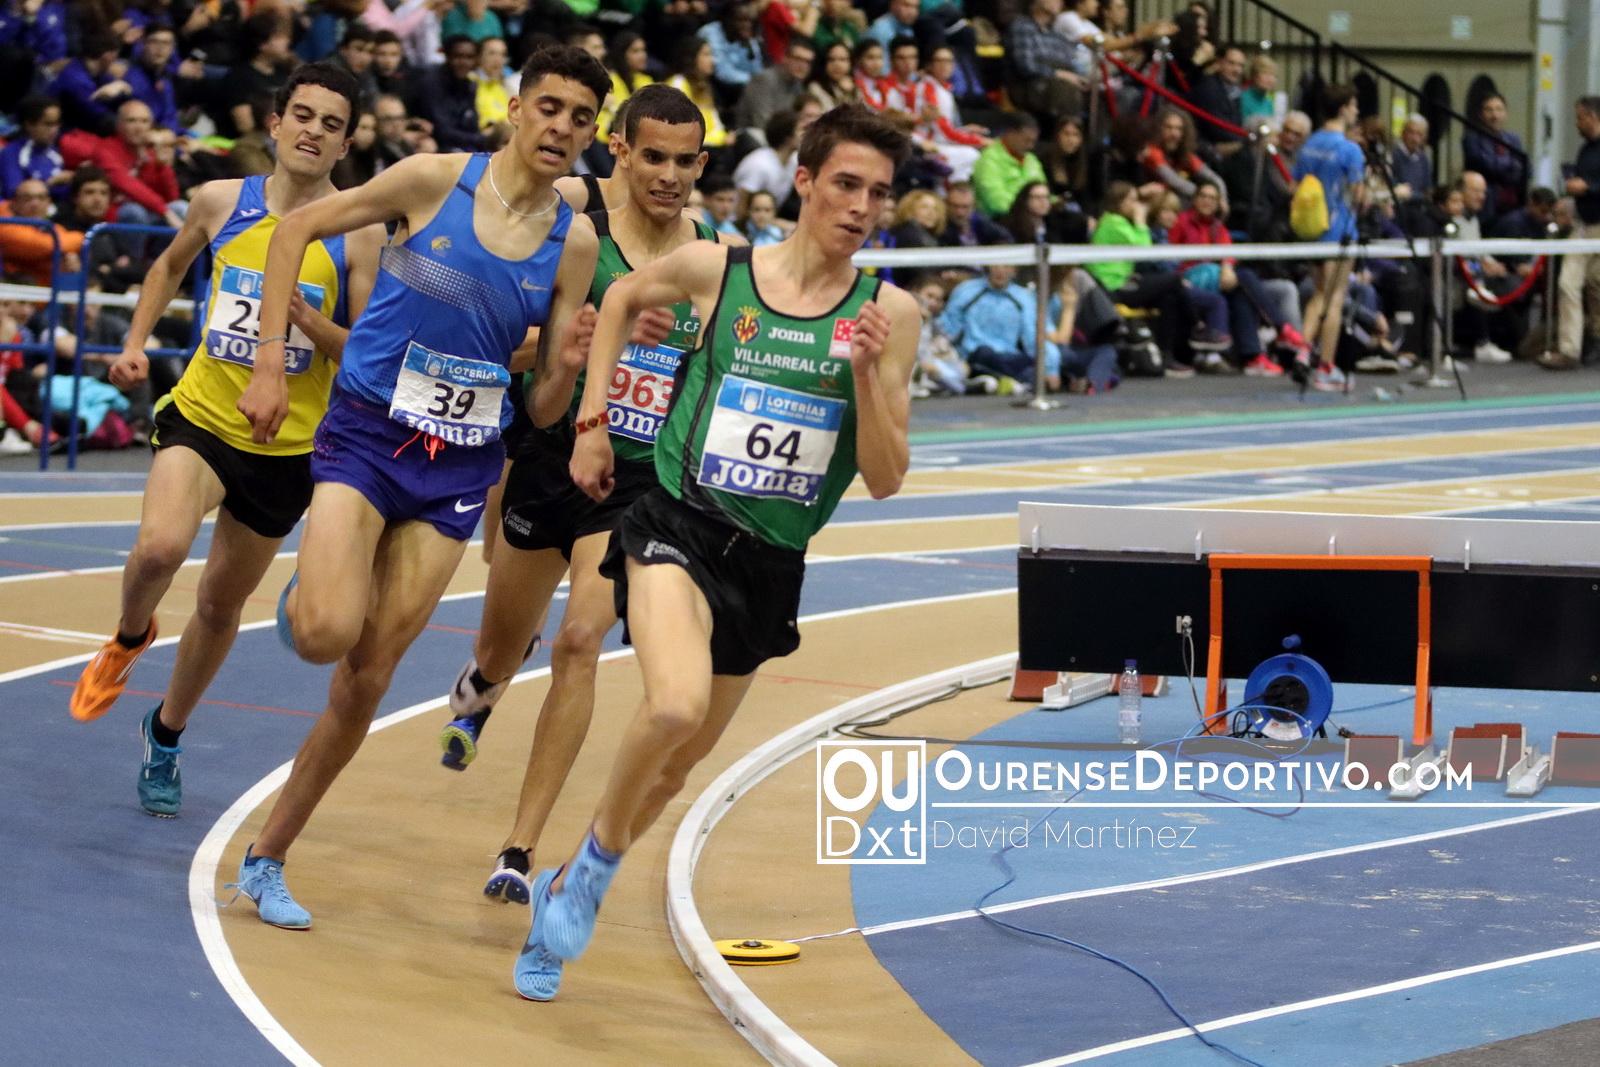 Atletismo Expourense Foto David Martinez